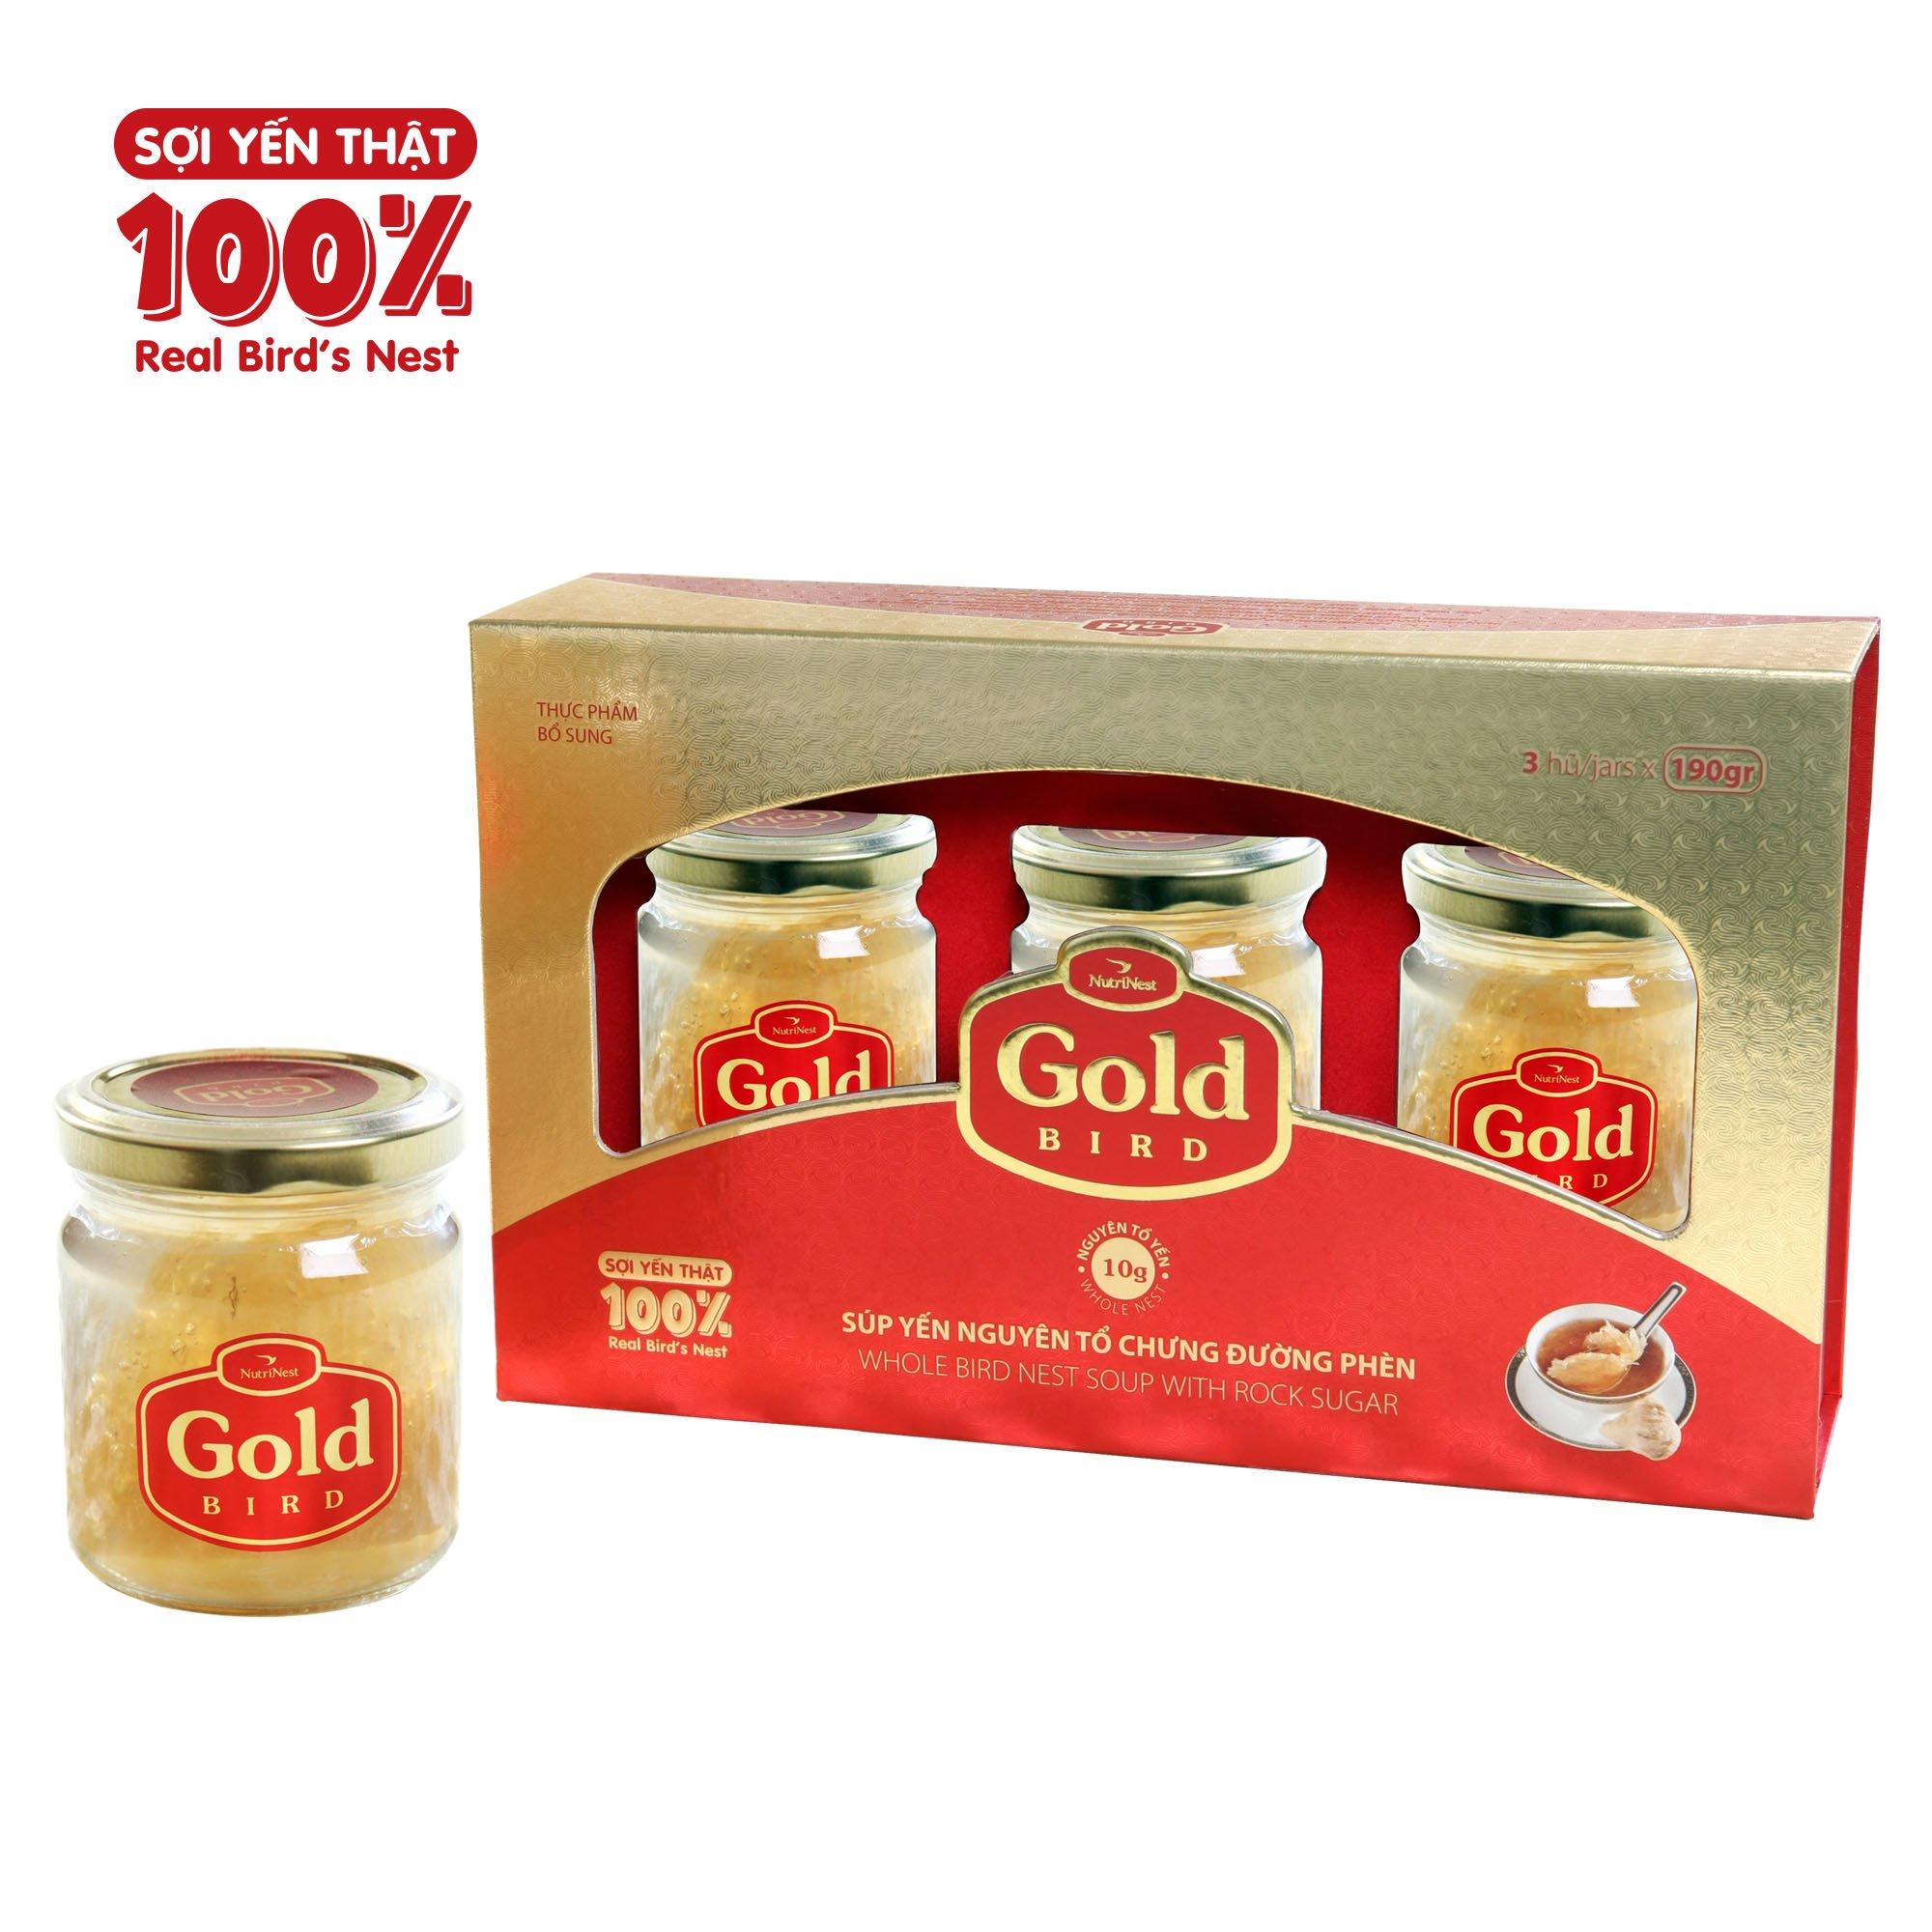 Hộp Quà Gold - Nước Yến Sào Nguyên Tổ Chưng Đường Phèn - (3 hũ*190g)